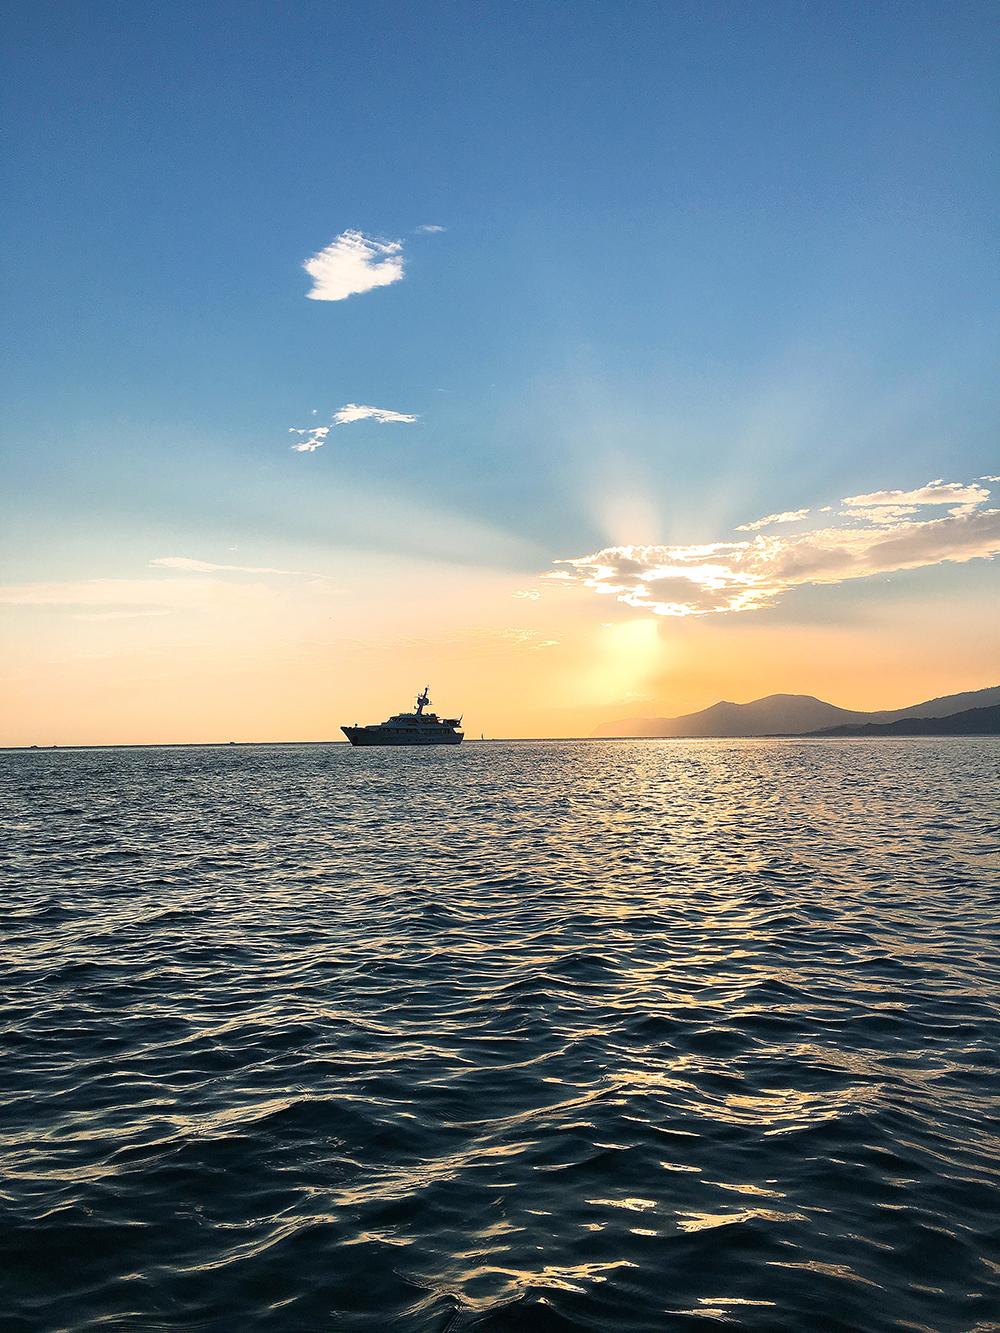 Alquilar un barco en Ibiza y disfrutar de sus puestas de sol incomparables